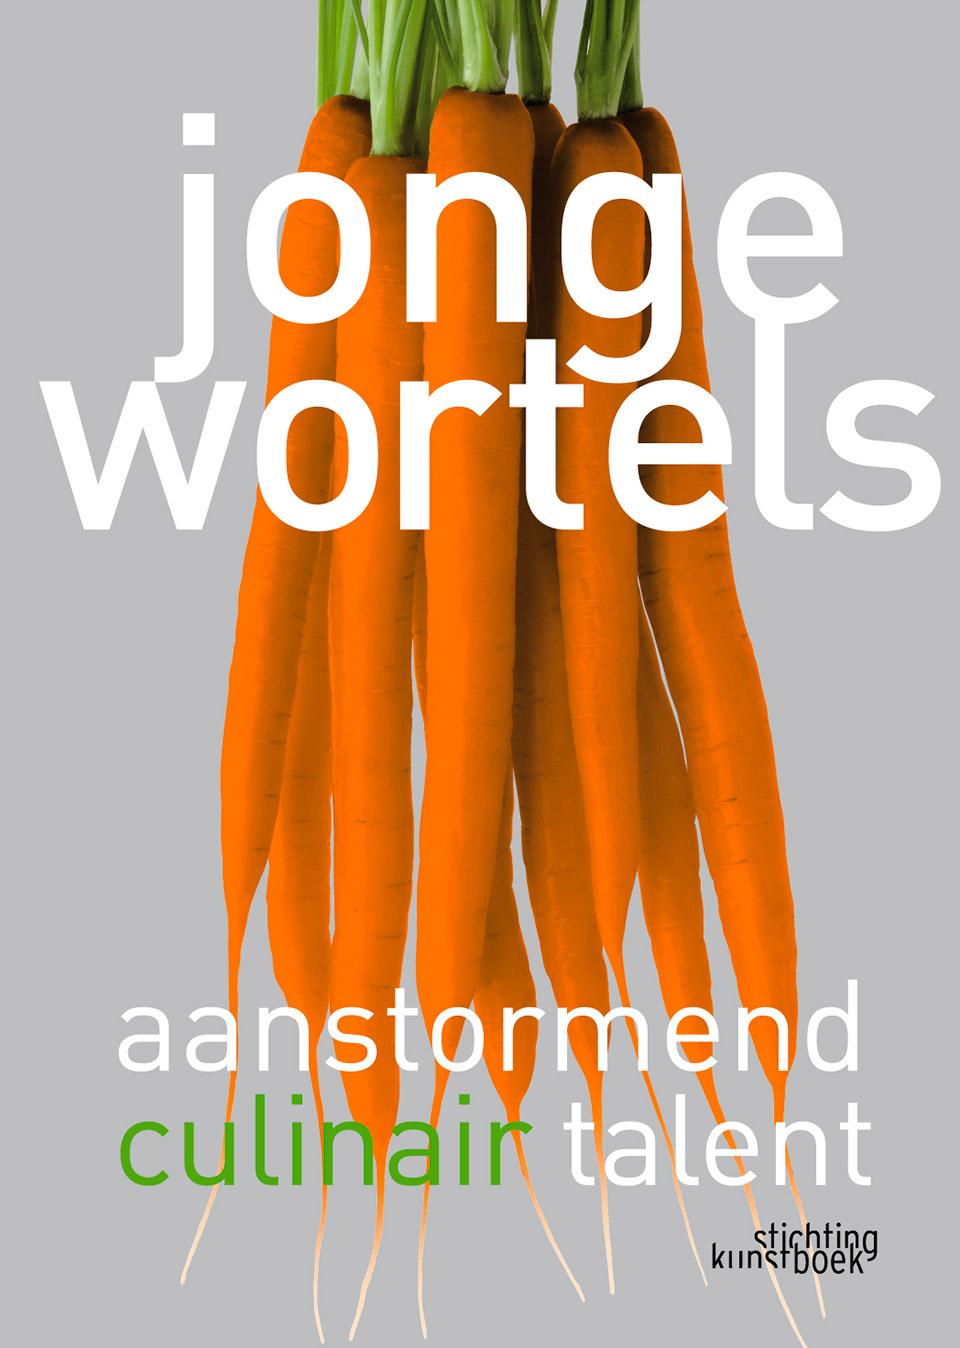 jonge_wortels_cover